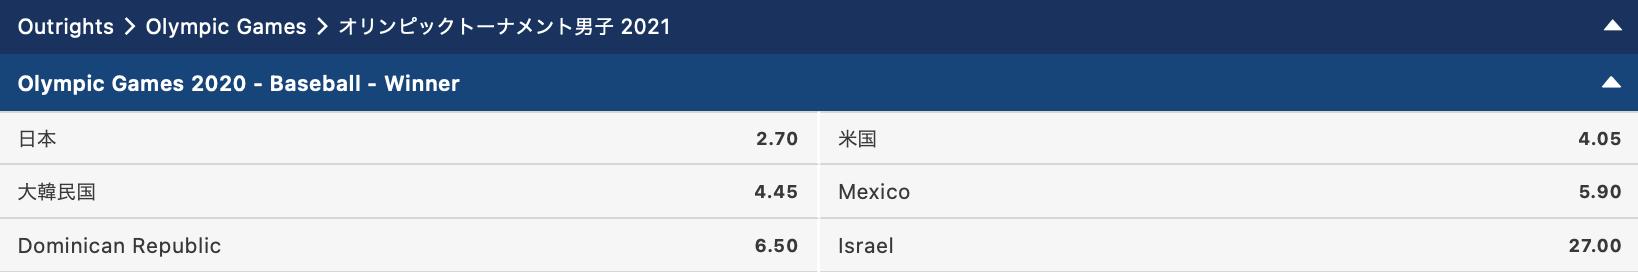 東京オリンピック2021野球優勝予想オッズ評価